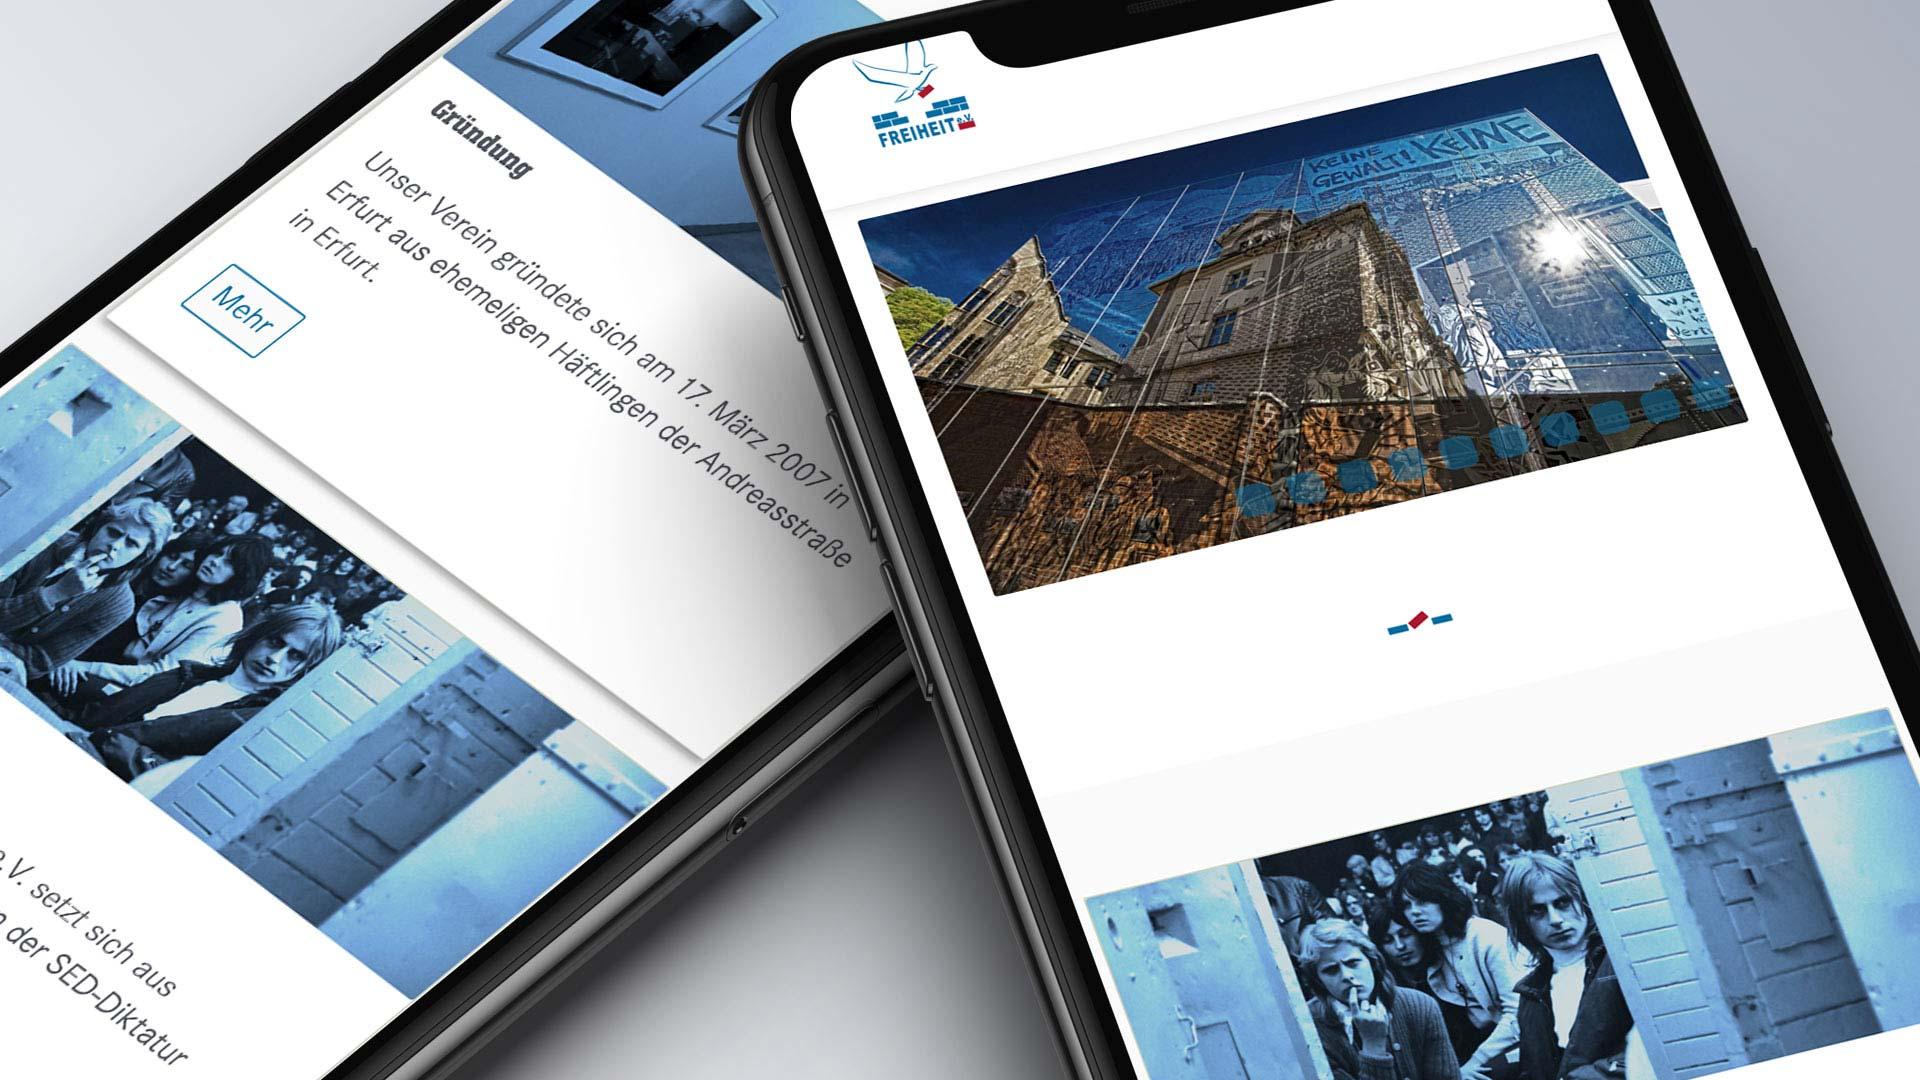 Relaunch unserer Vereinshomepage - Webrelauch Gedenkstaette Andreasstrasse Erfurt | Werbeagentur HOFMEISTER HIESTAND Karlsruhe